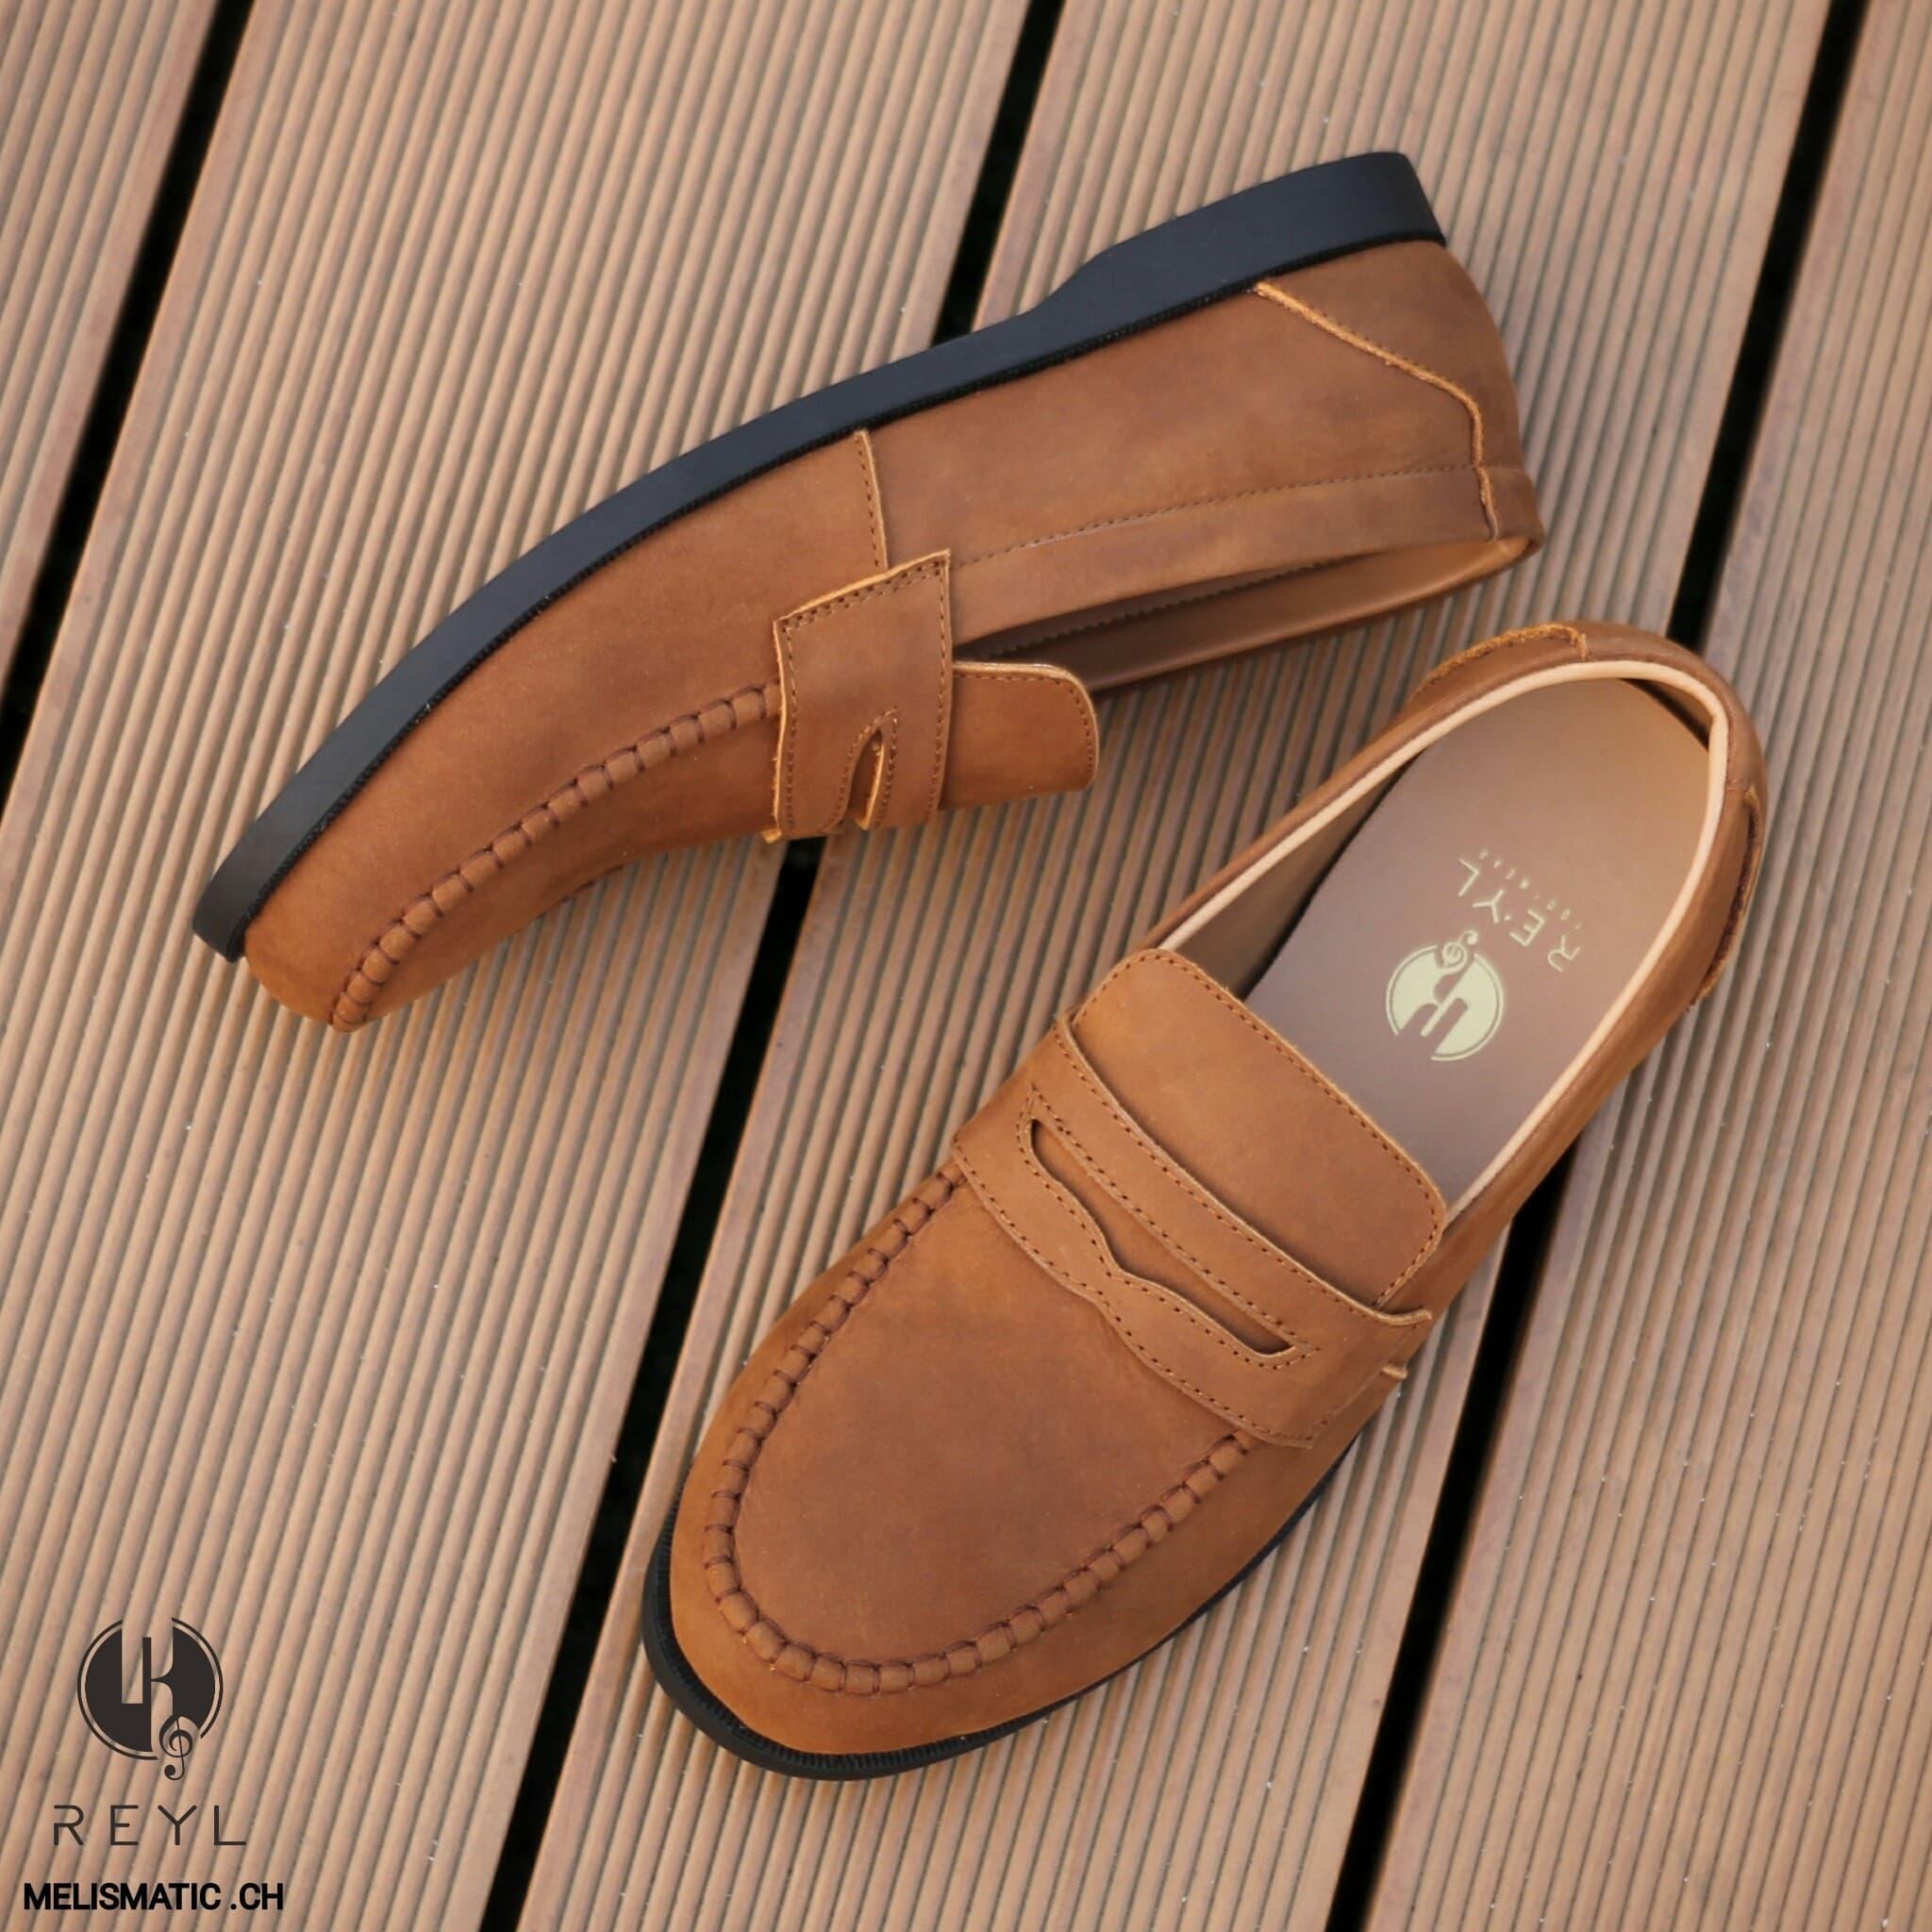 PENAWARAN Sepatu Slip On Pria REYL Melismatic CH Original Kulit Asli Formal 94e902db48